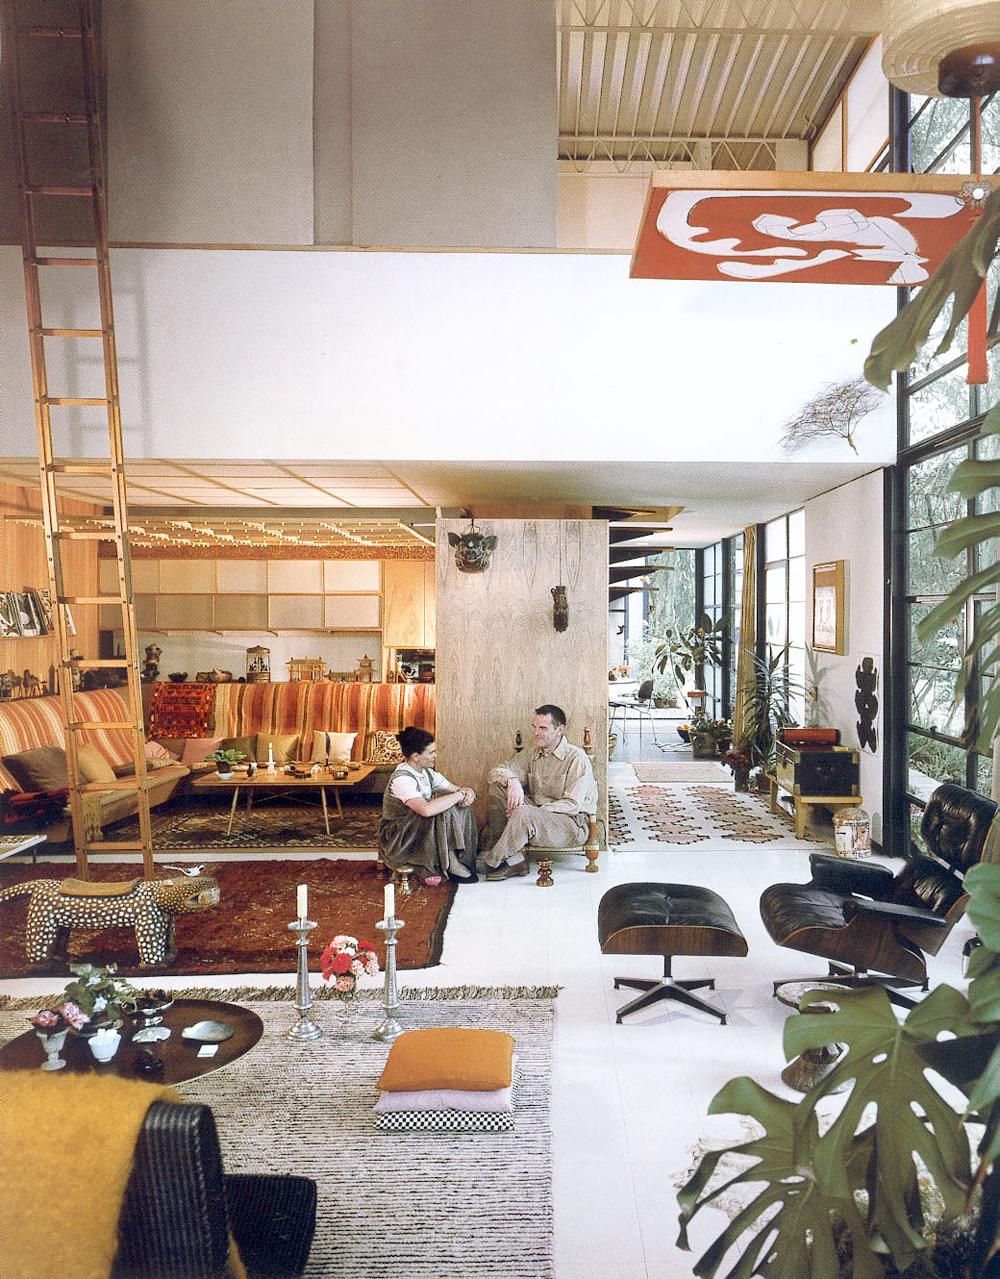 Charles et Ray maison Eames interieur design 50s modernisme